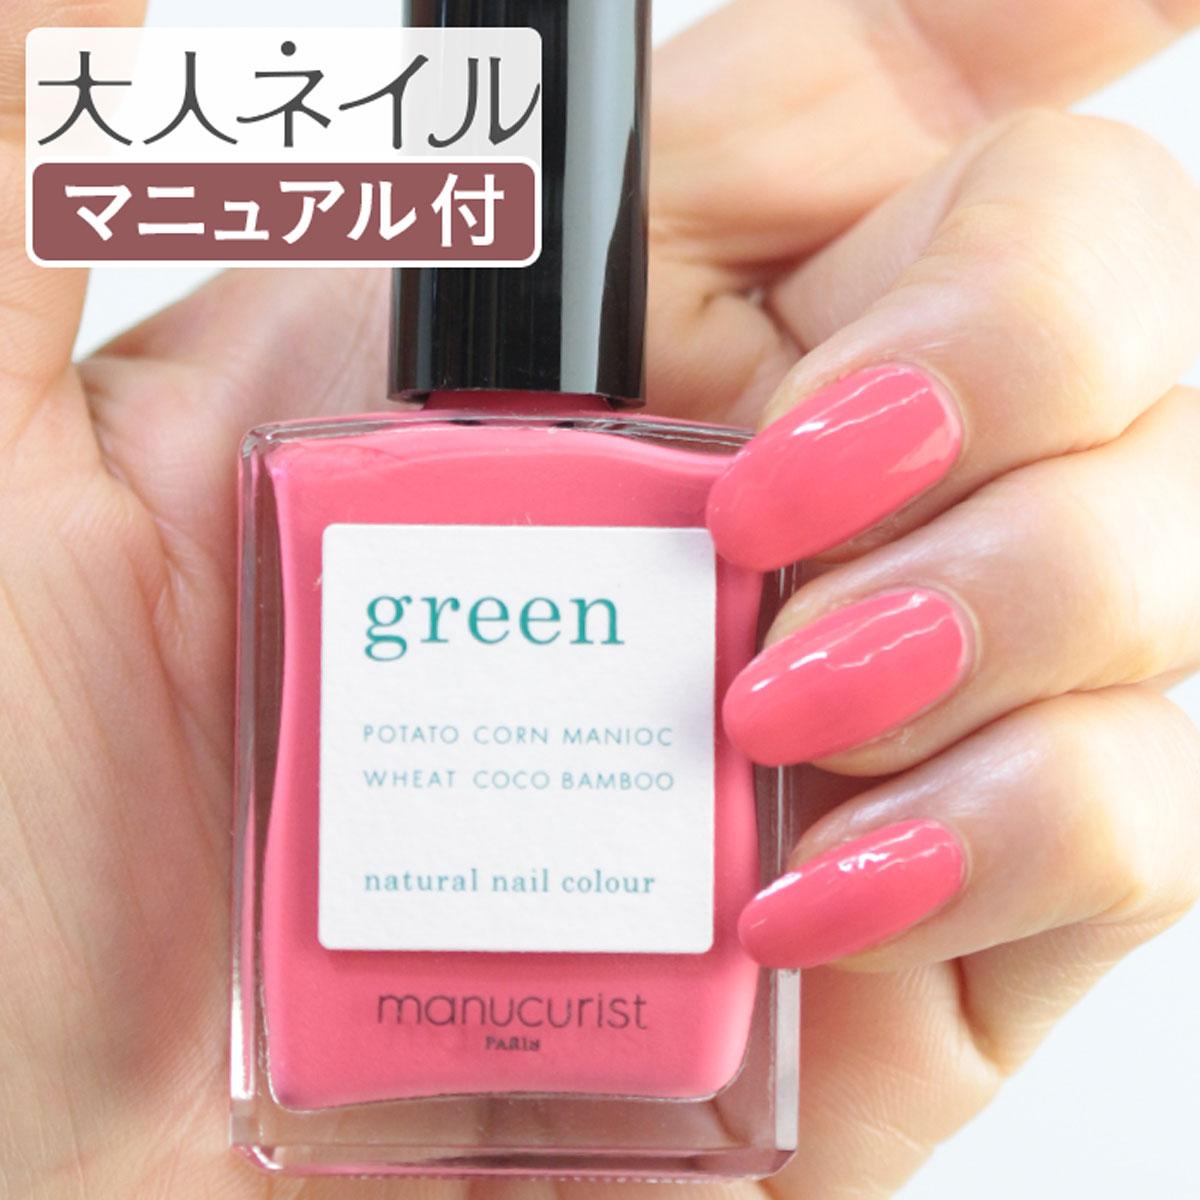 green グリーン ナチュラルネイルカラー ローザ 31029 15ml 爪にやさしい マニキュア セルフネイル 濃い ピンク 夏カラー 夏ネイル ペディキュア